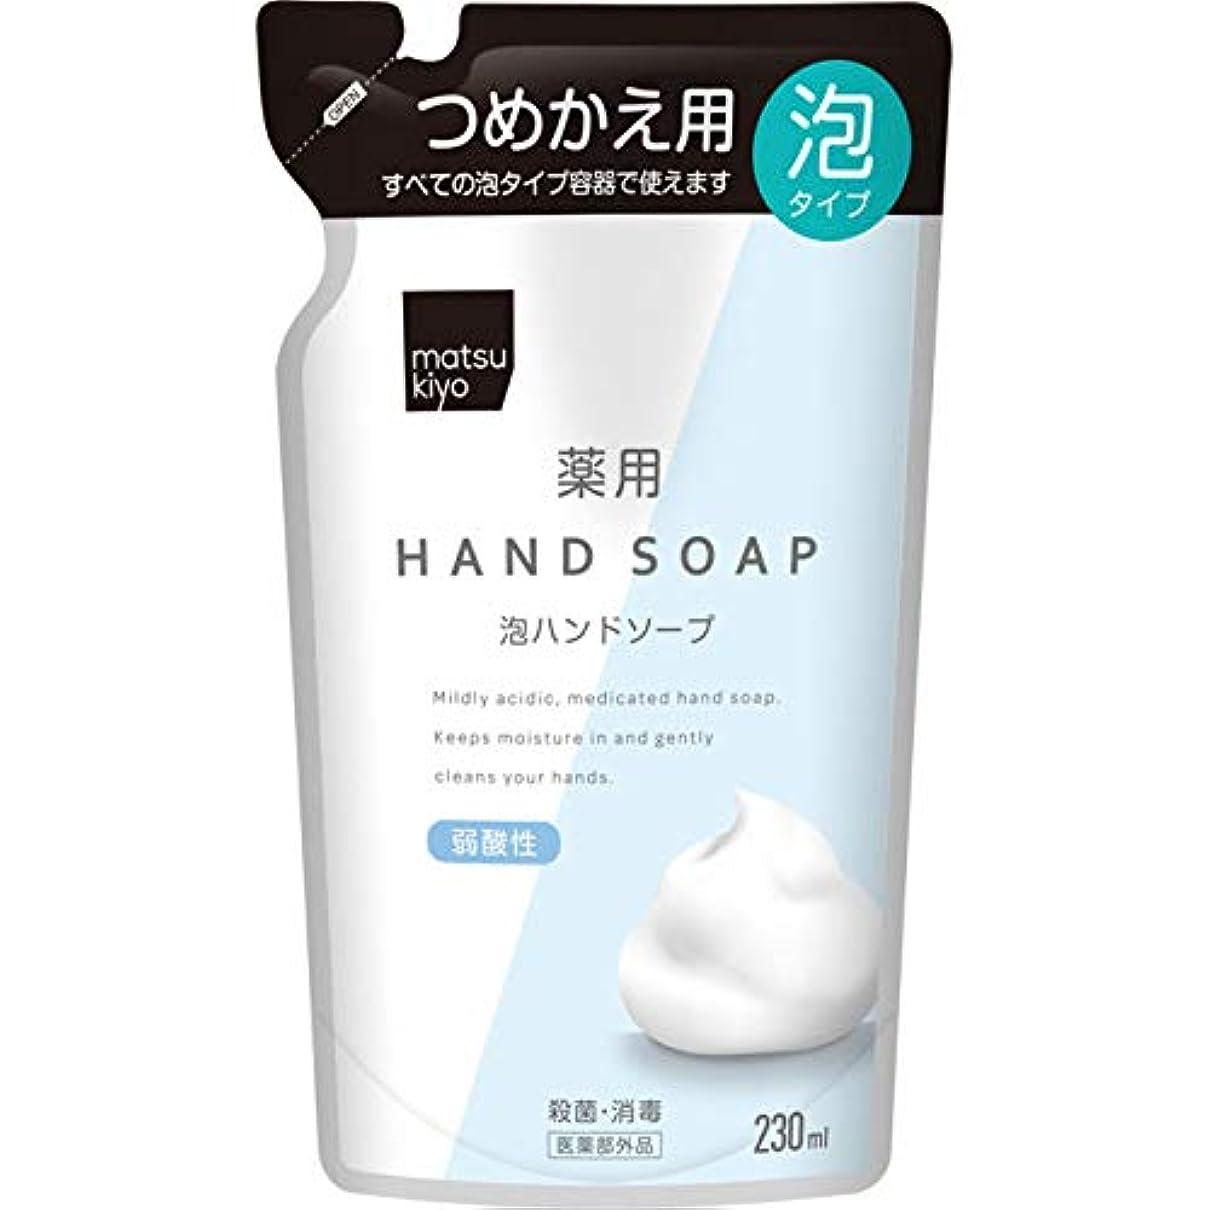 モス緩む狂ったmatsukiyo 薬用泡ハンドソープ詰替 230ml (医薬部外品)